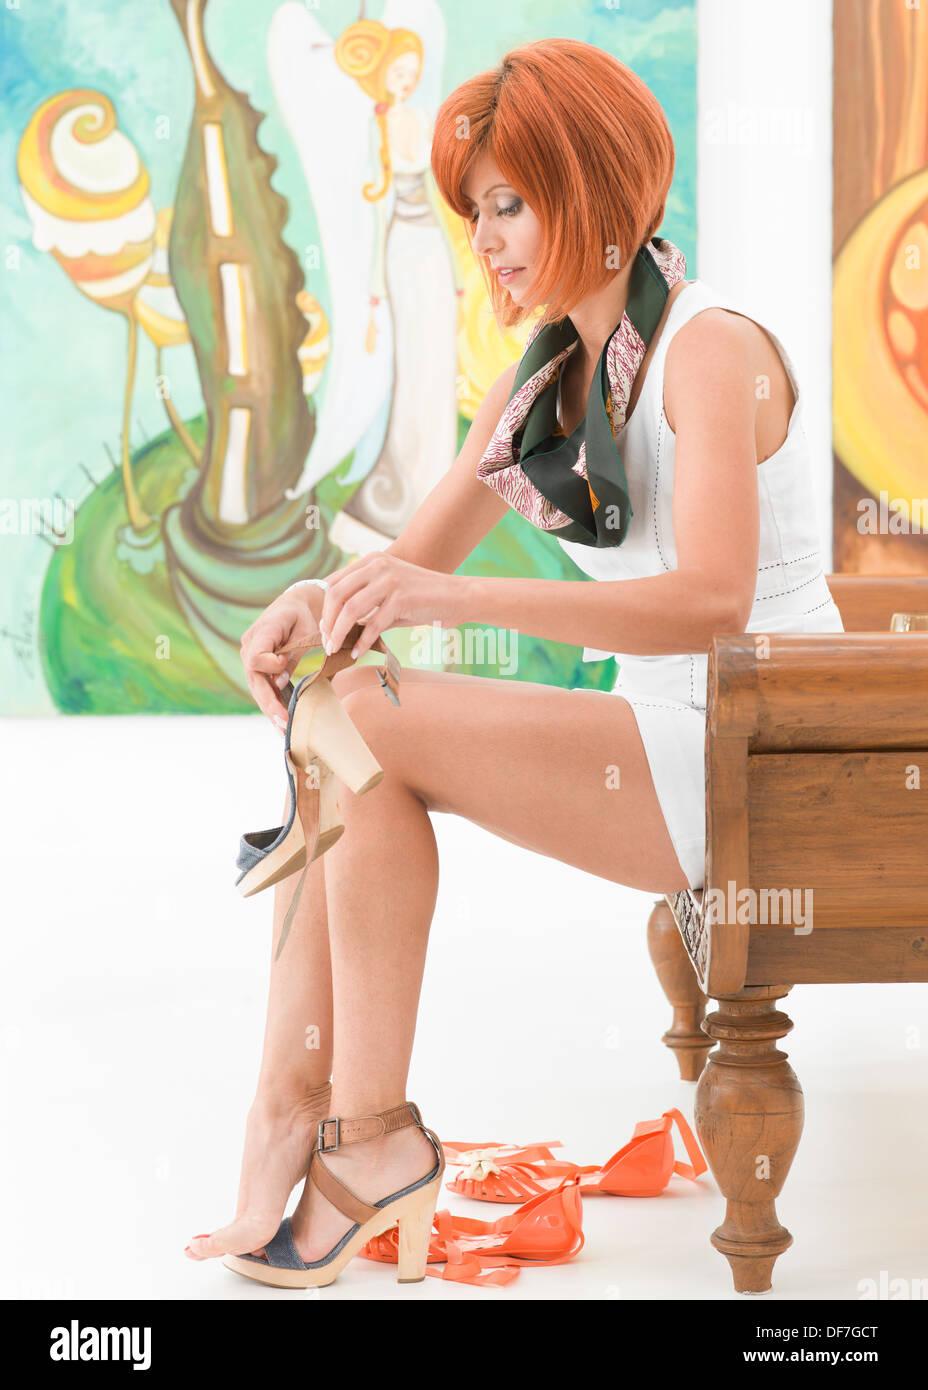 Seitenansicht der junge schöne rothaarige Frau sitzt auf einer Holzbank, die ihre Schuhe mit bunten Bildern auf Hintergrund ändern Stockbild